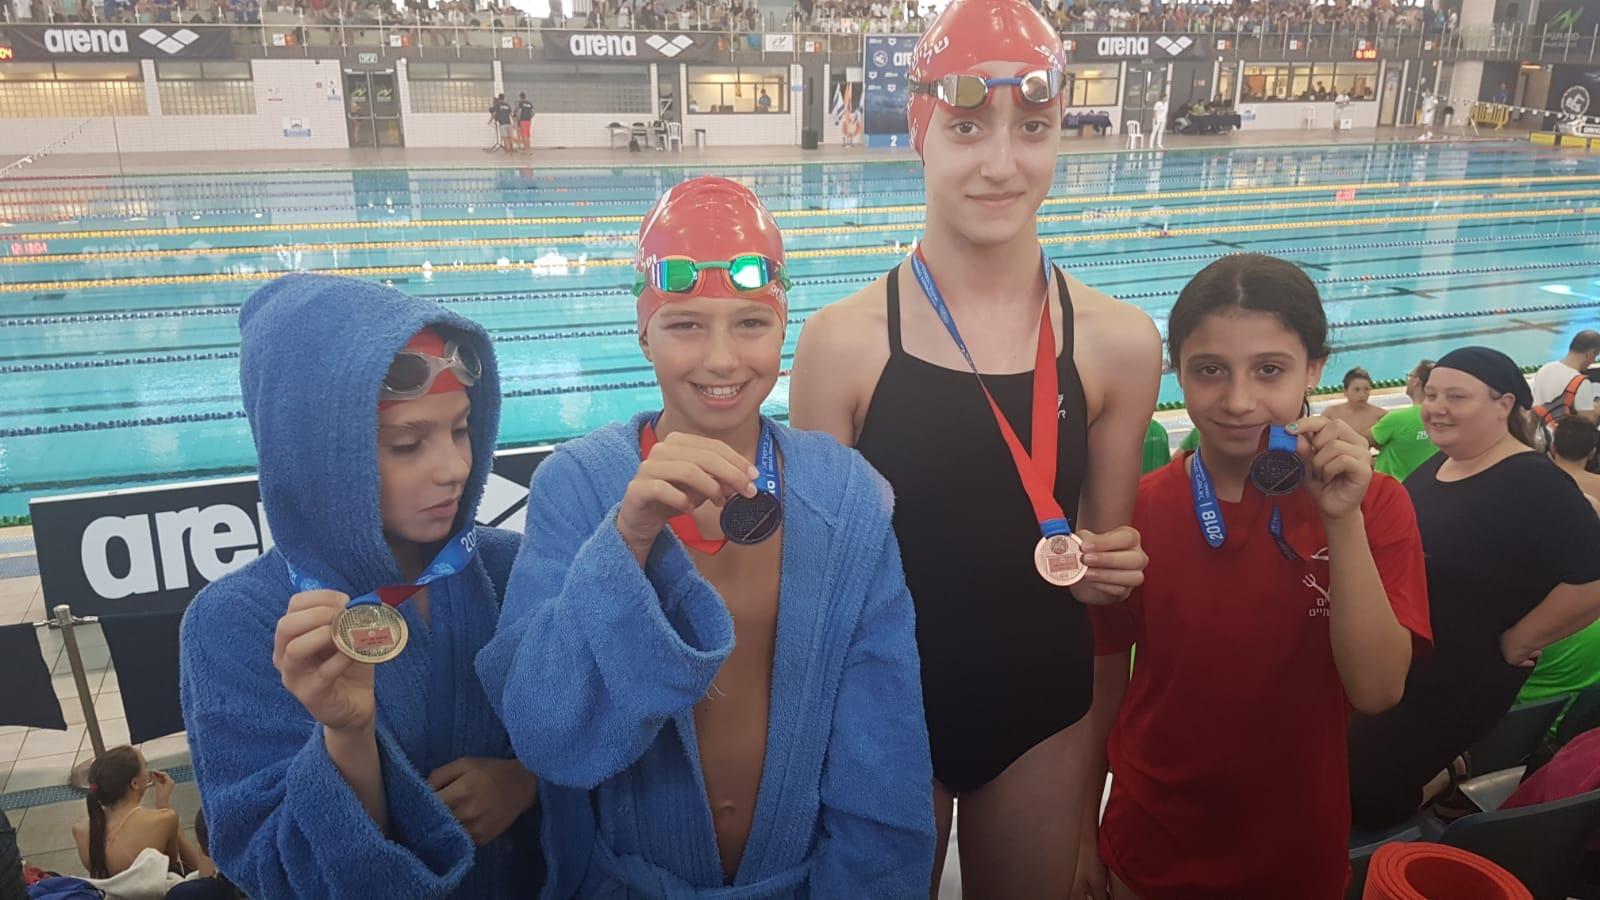 שחייני גבעתיים הצעירים בתום התחרות, צילום: העמותה לקידום הספורט בגבעתיים